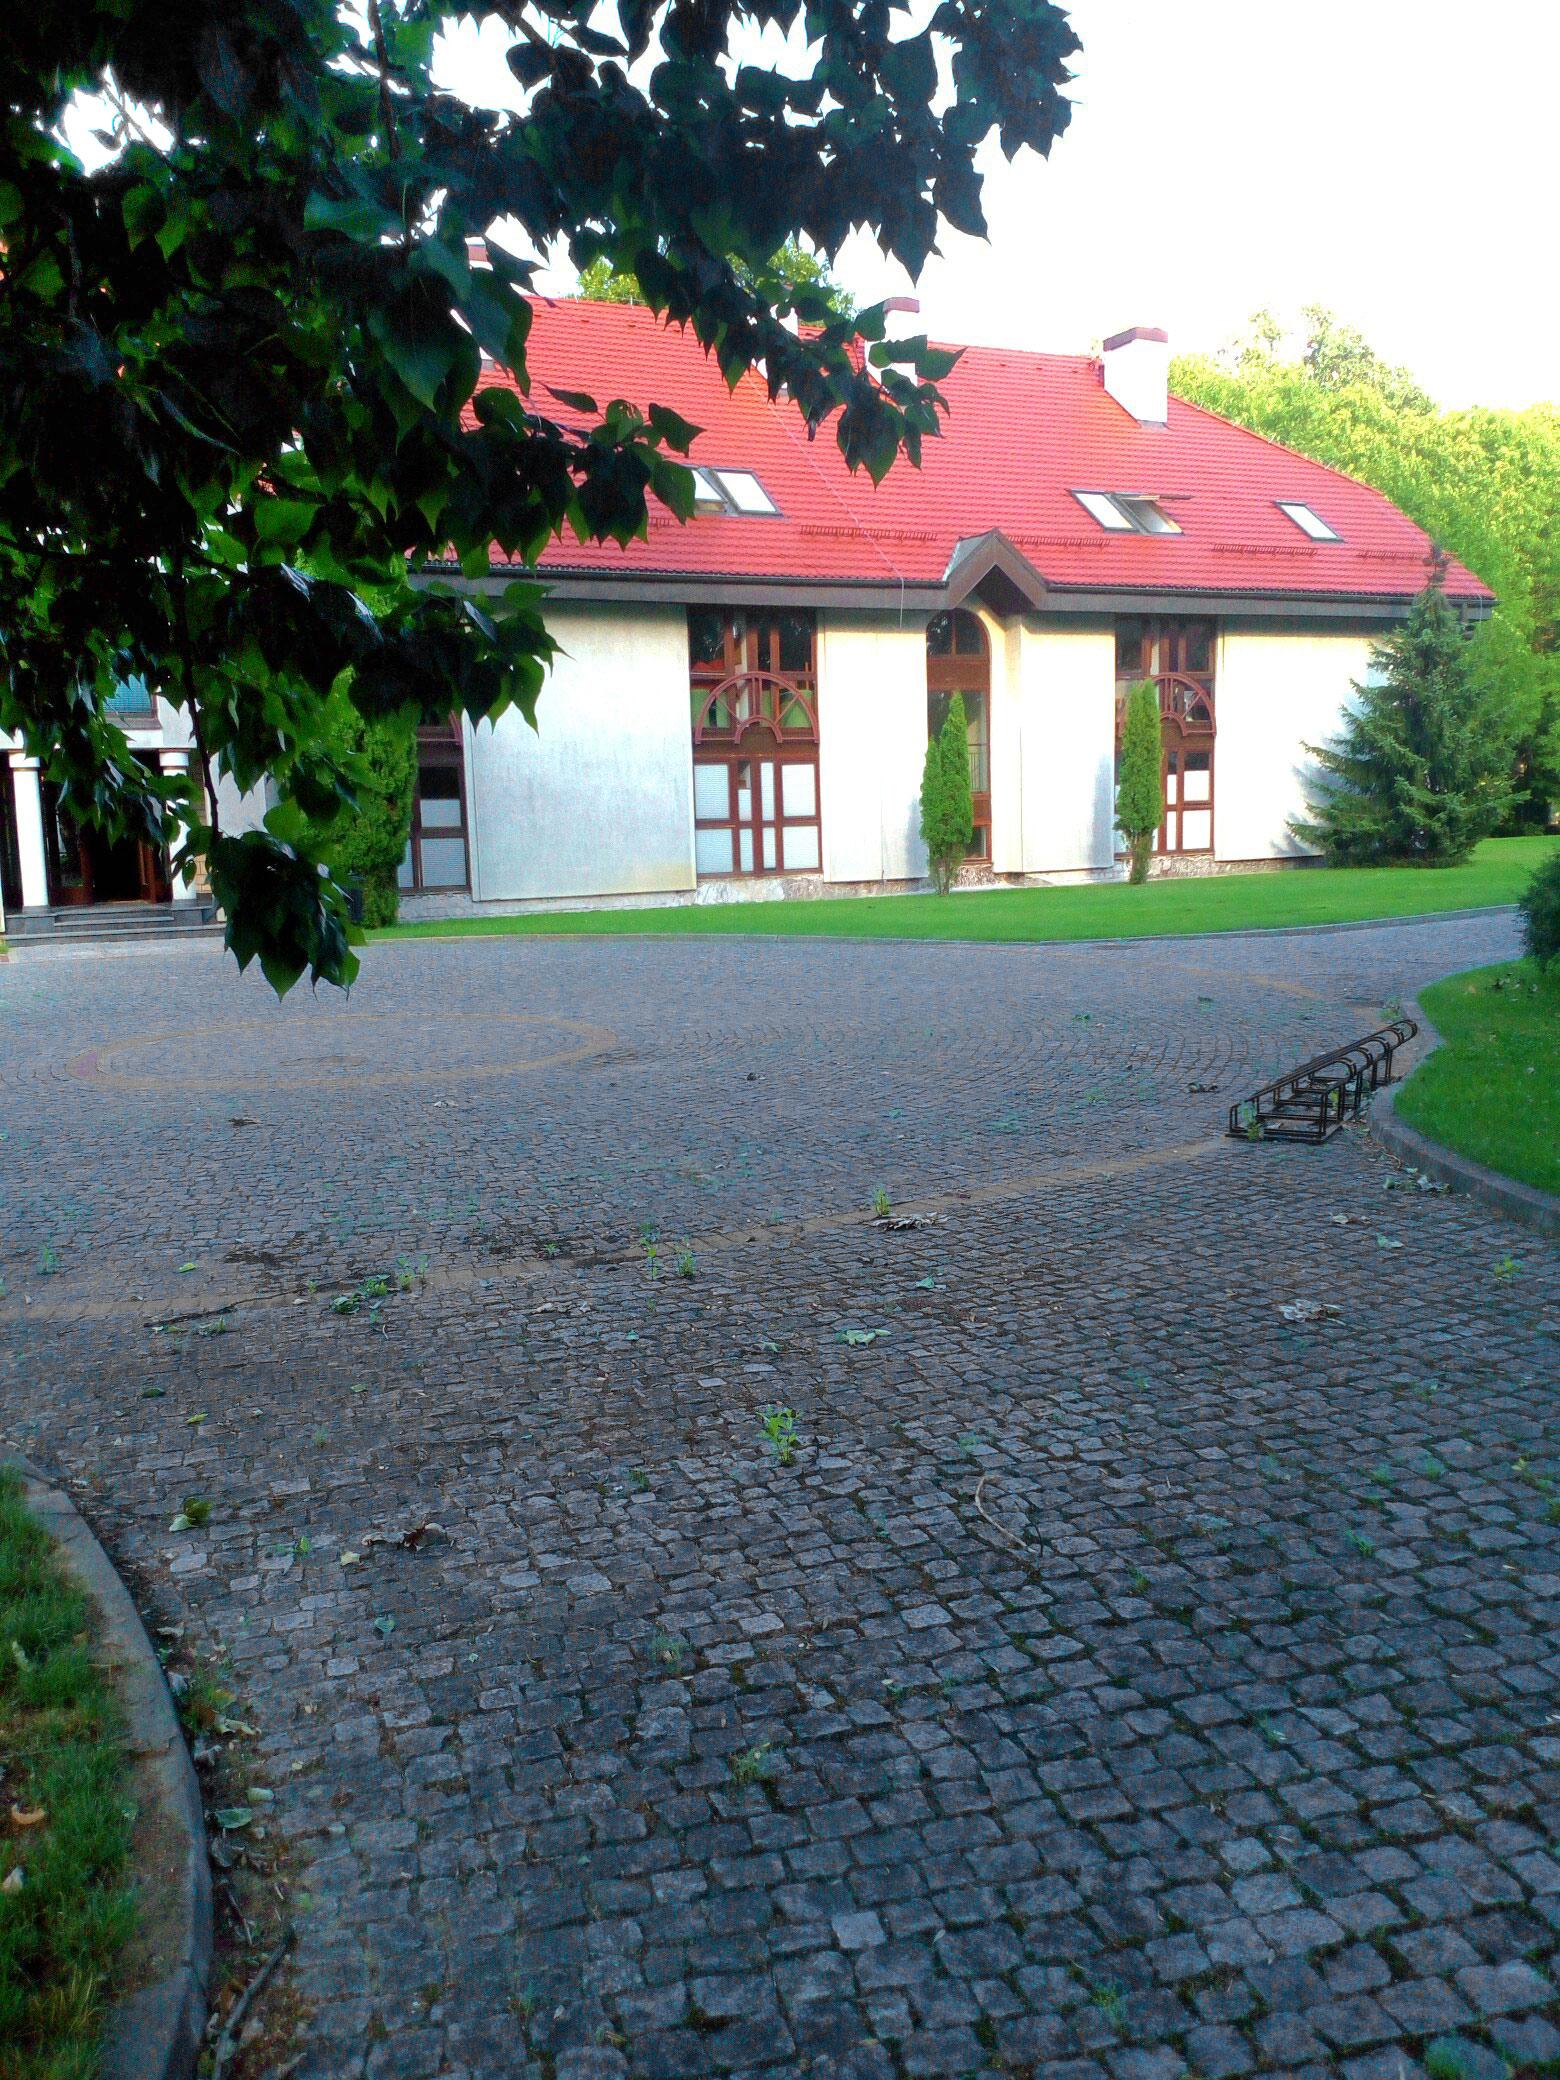 Część budynków Kolegium naterenie Parku Natolińskiego - jakimś cudem nikt namnie niekrzyczał, żerobię zdjęcie